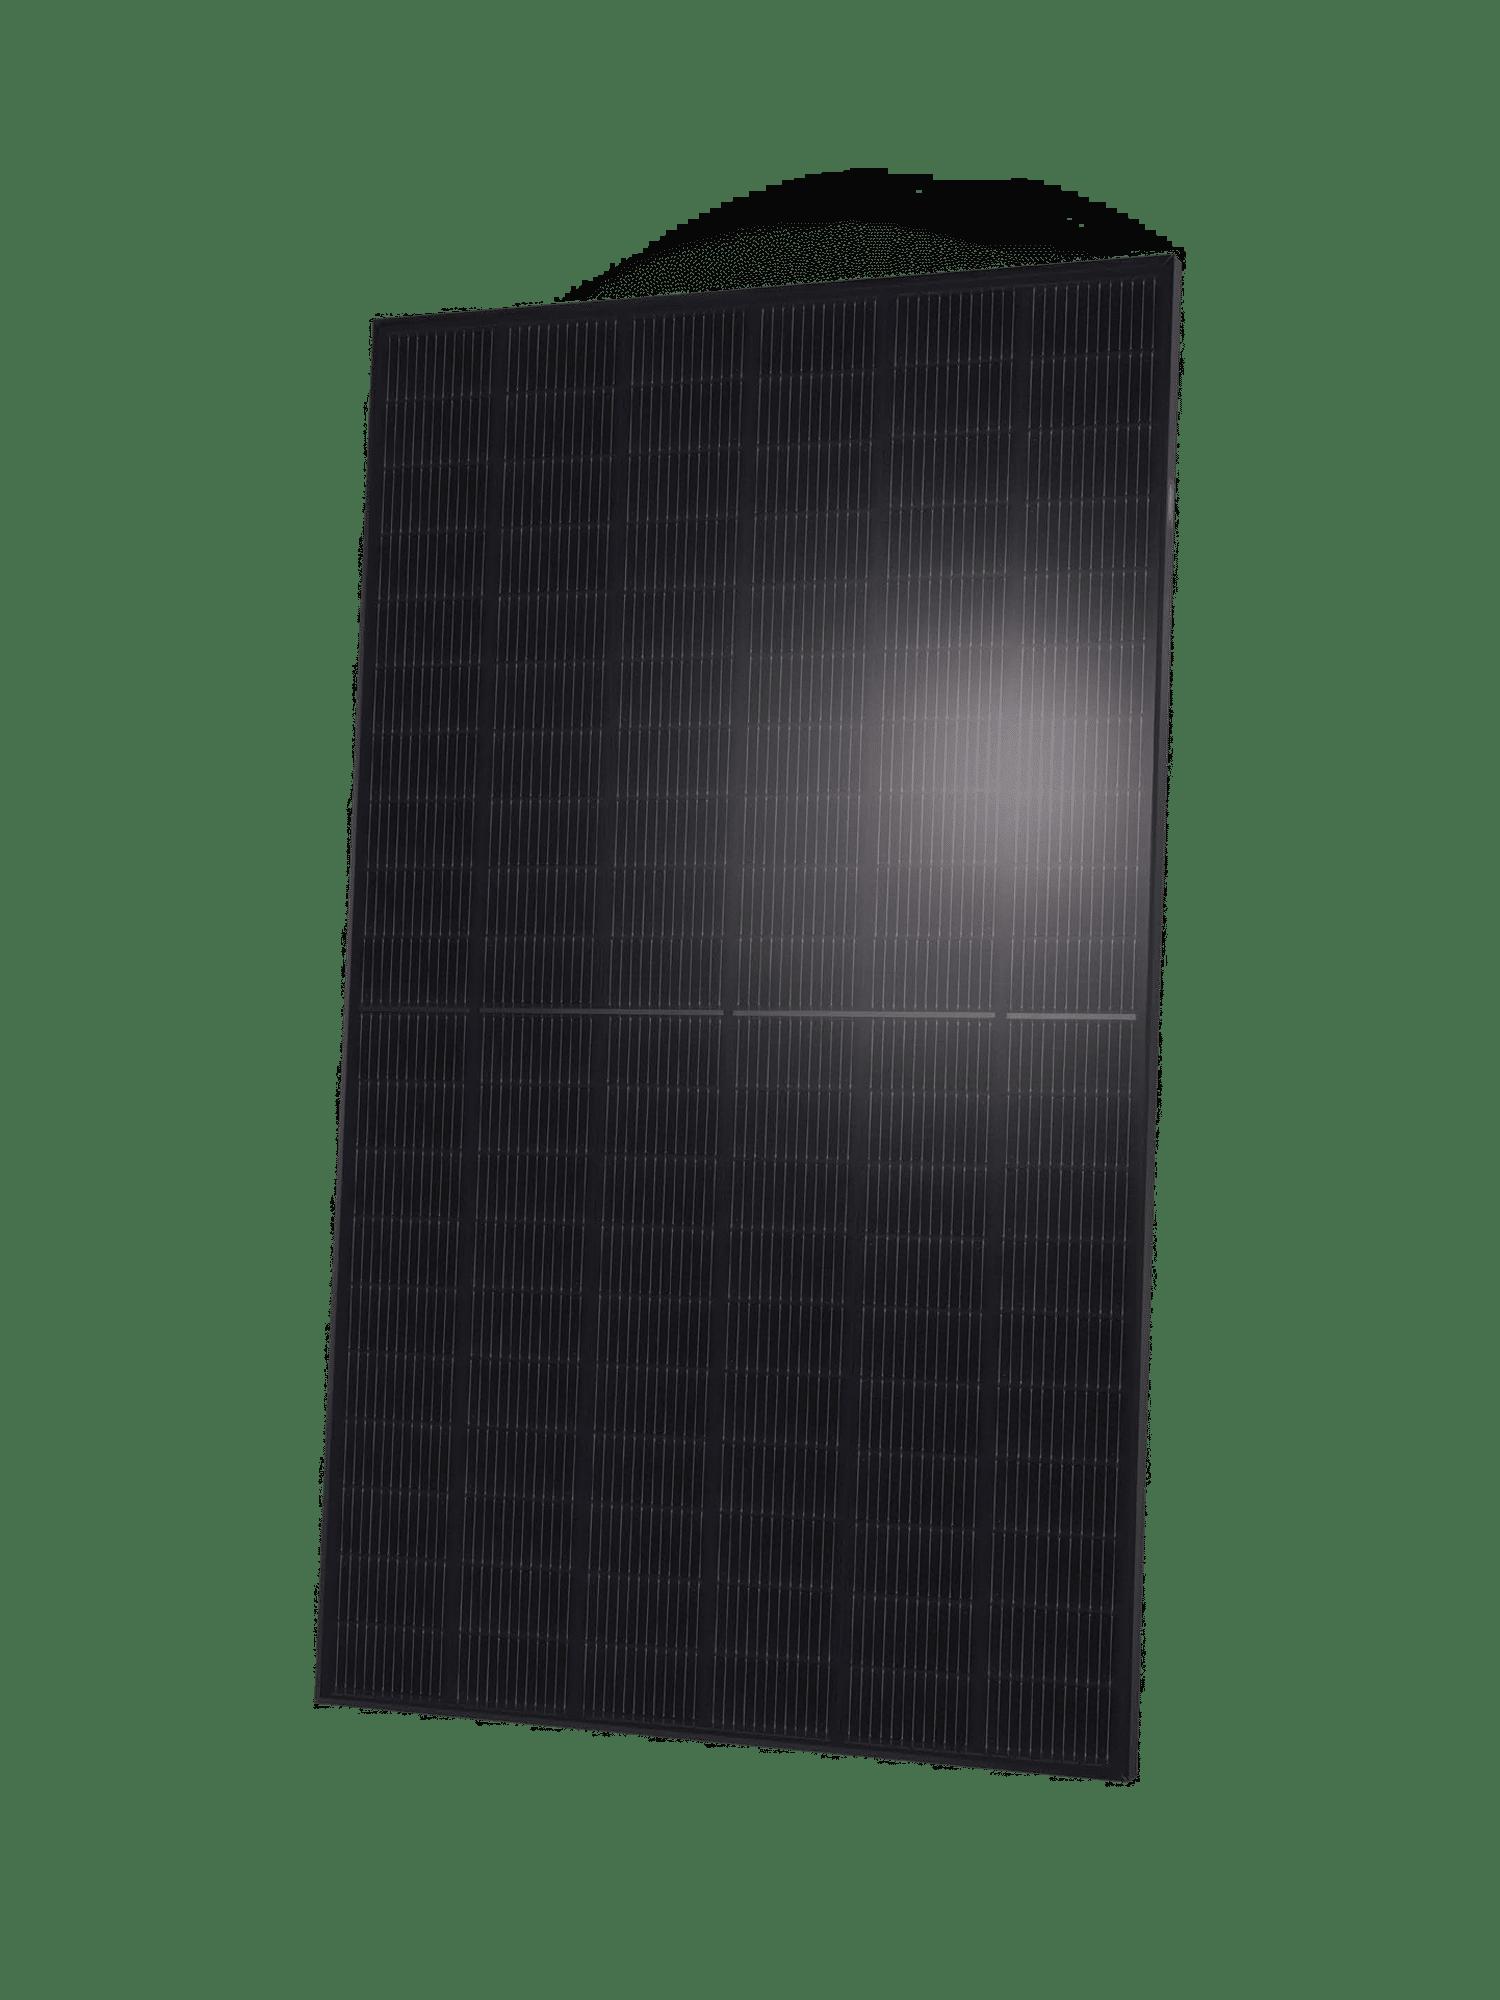 Green House Solutions Zonnepanelenen g8 full black 1